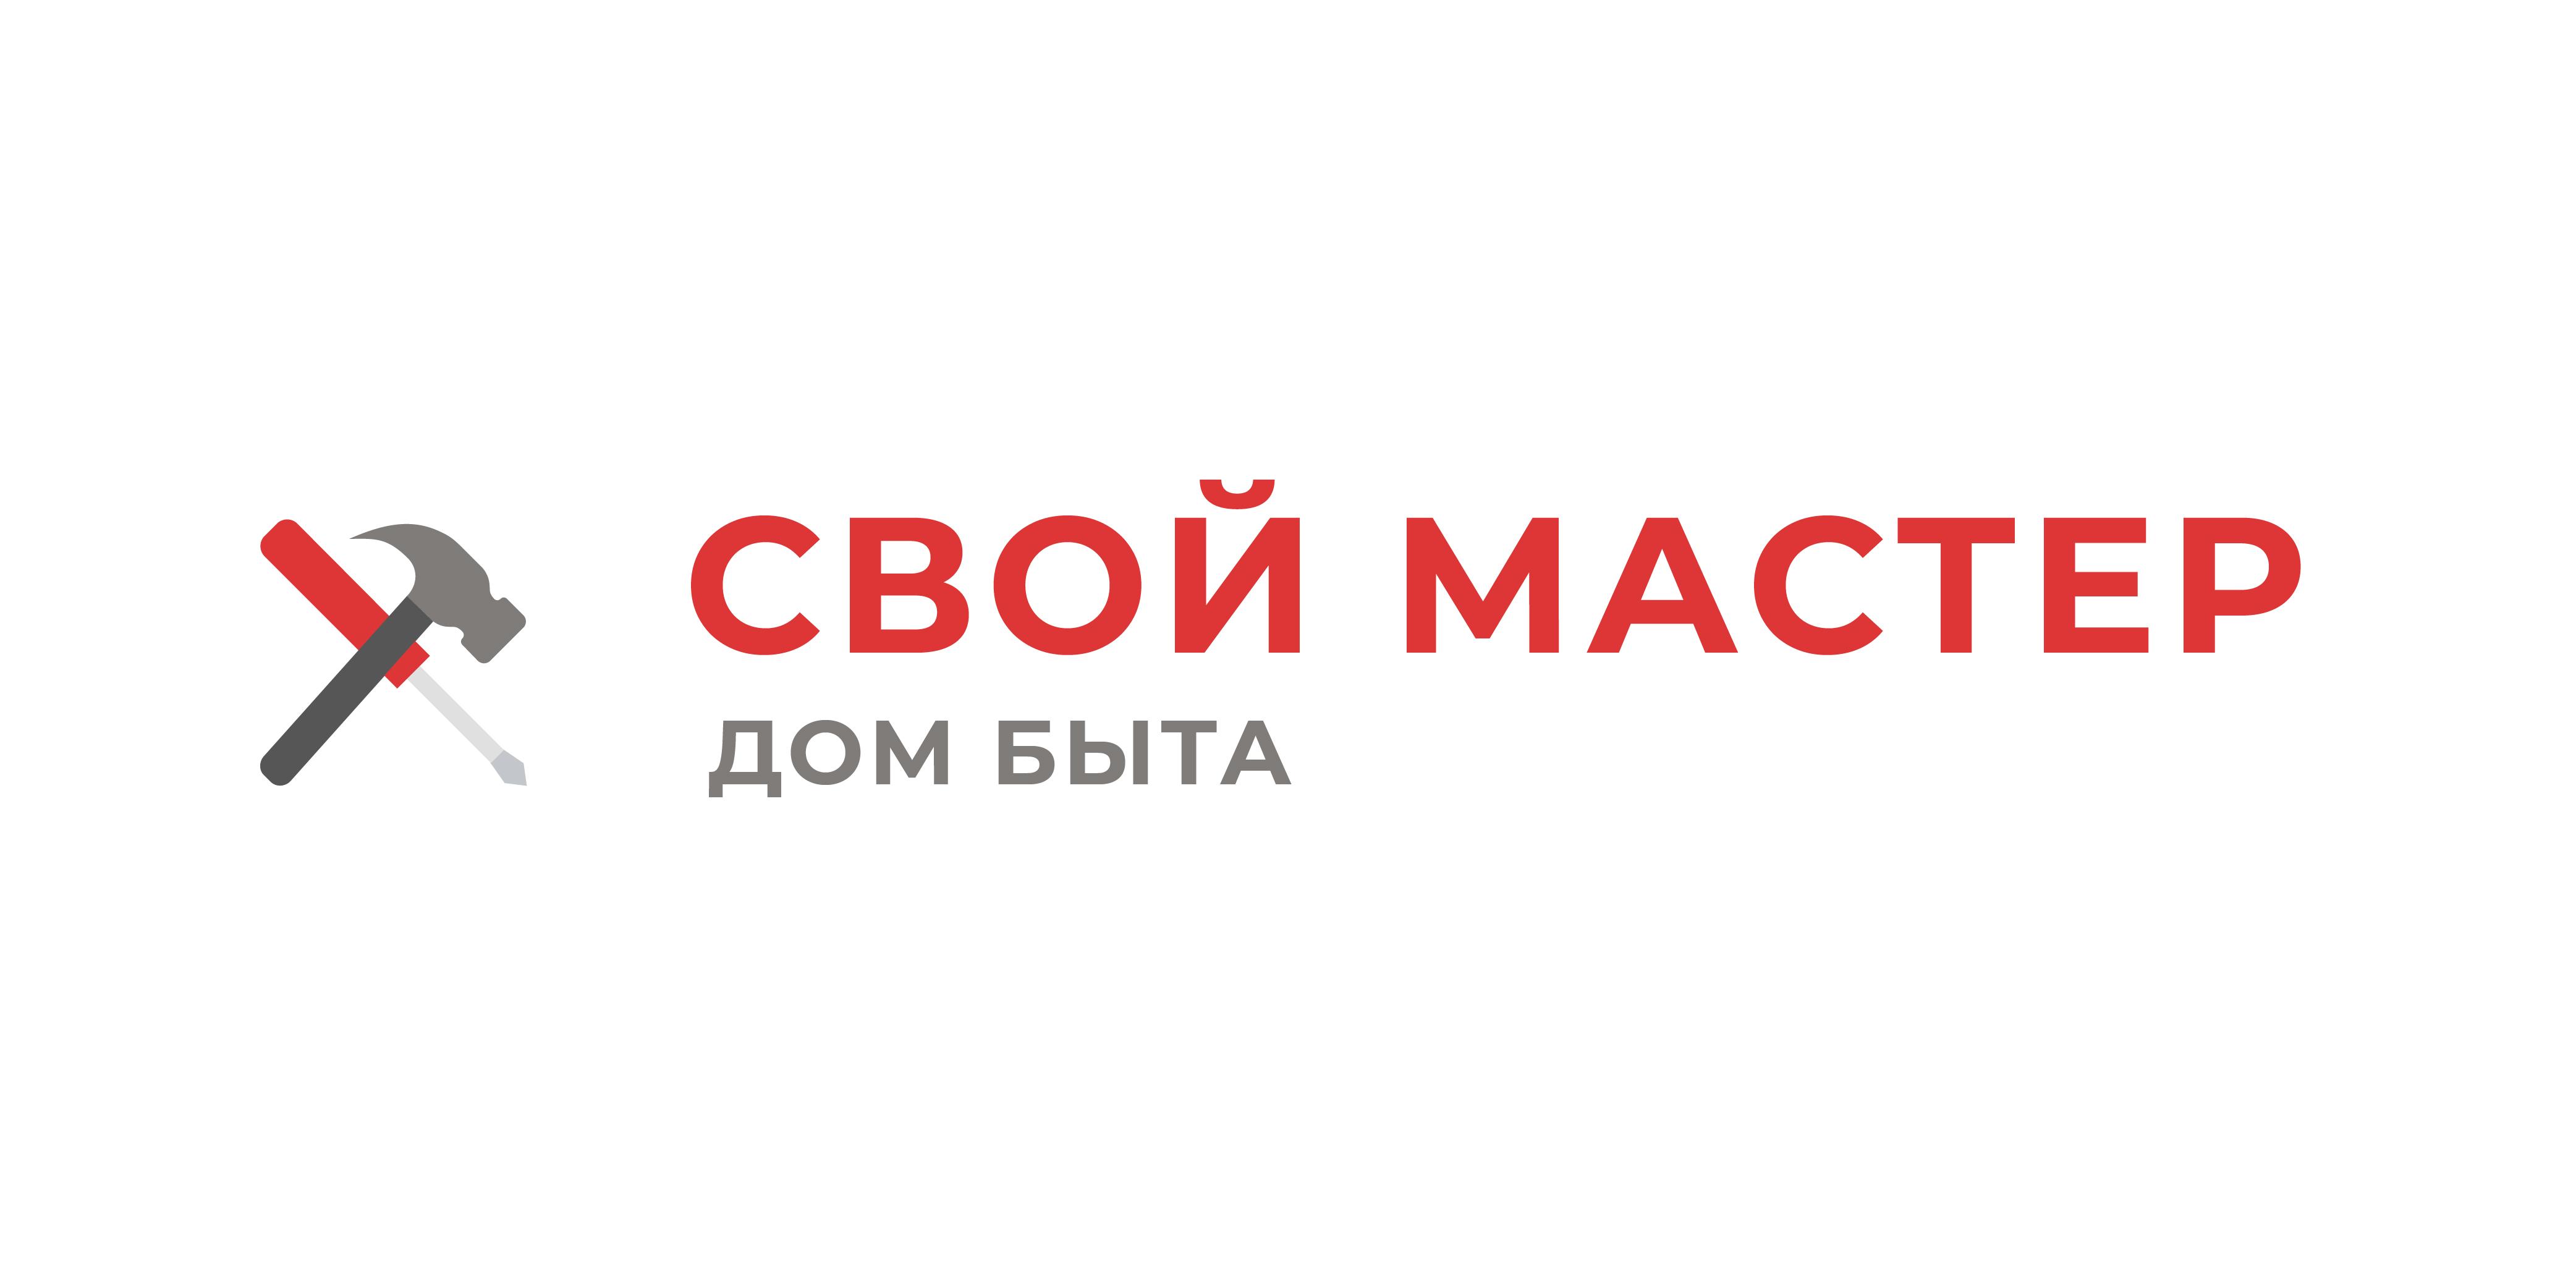 Логотип для сетевого ДОМ БЫТА фото f_3245d7235a7a99d6.jpg